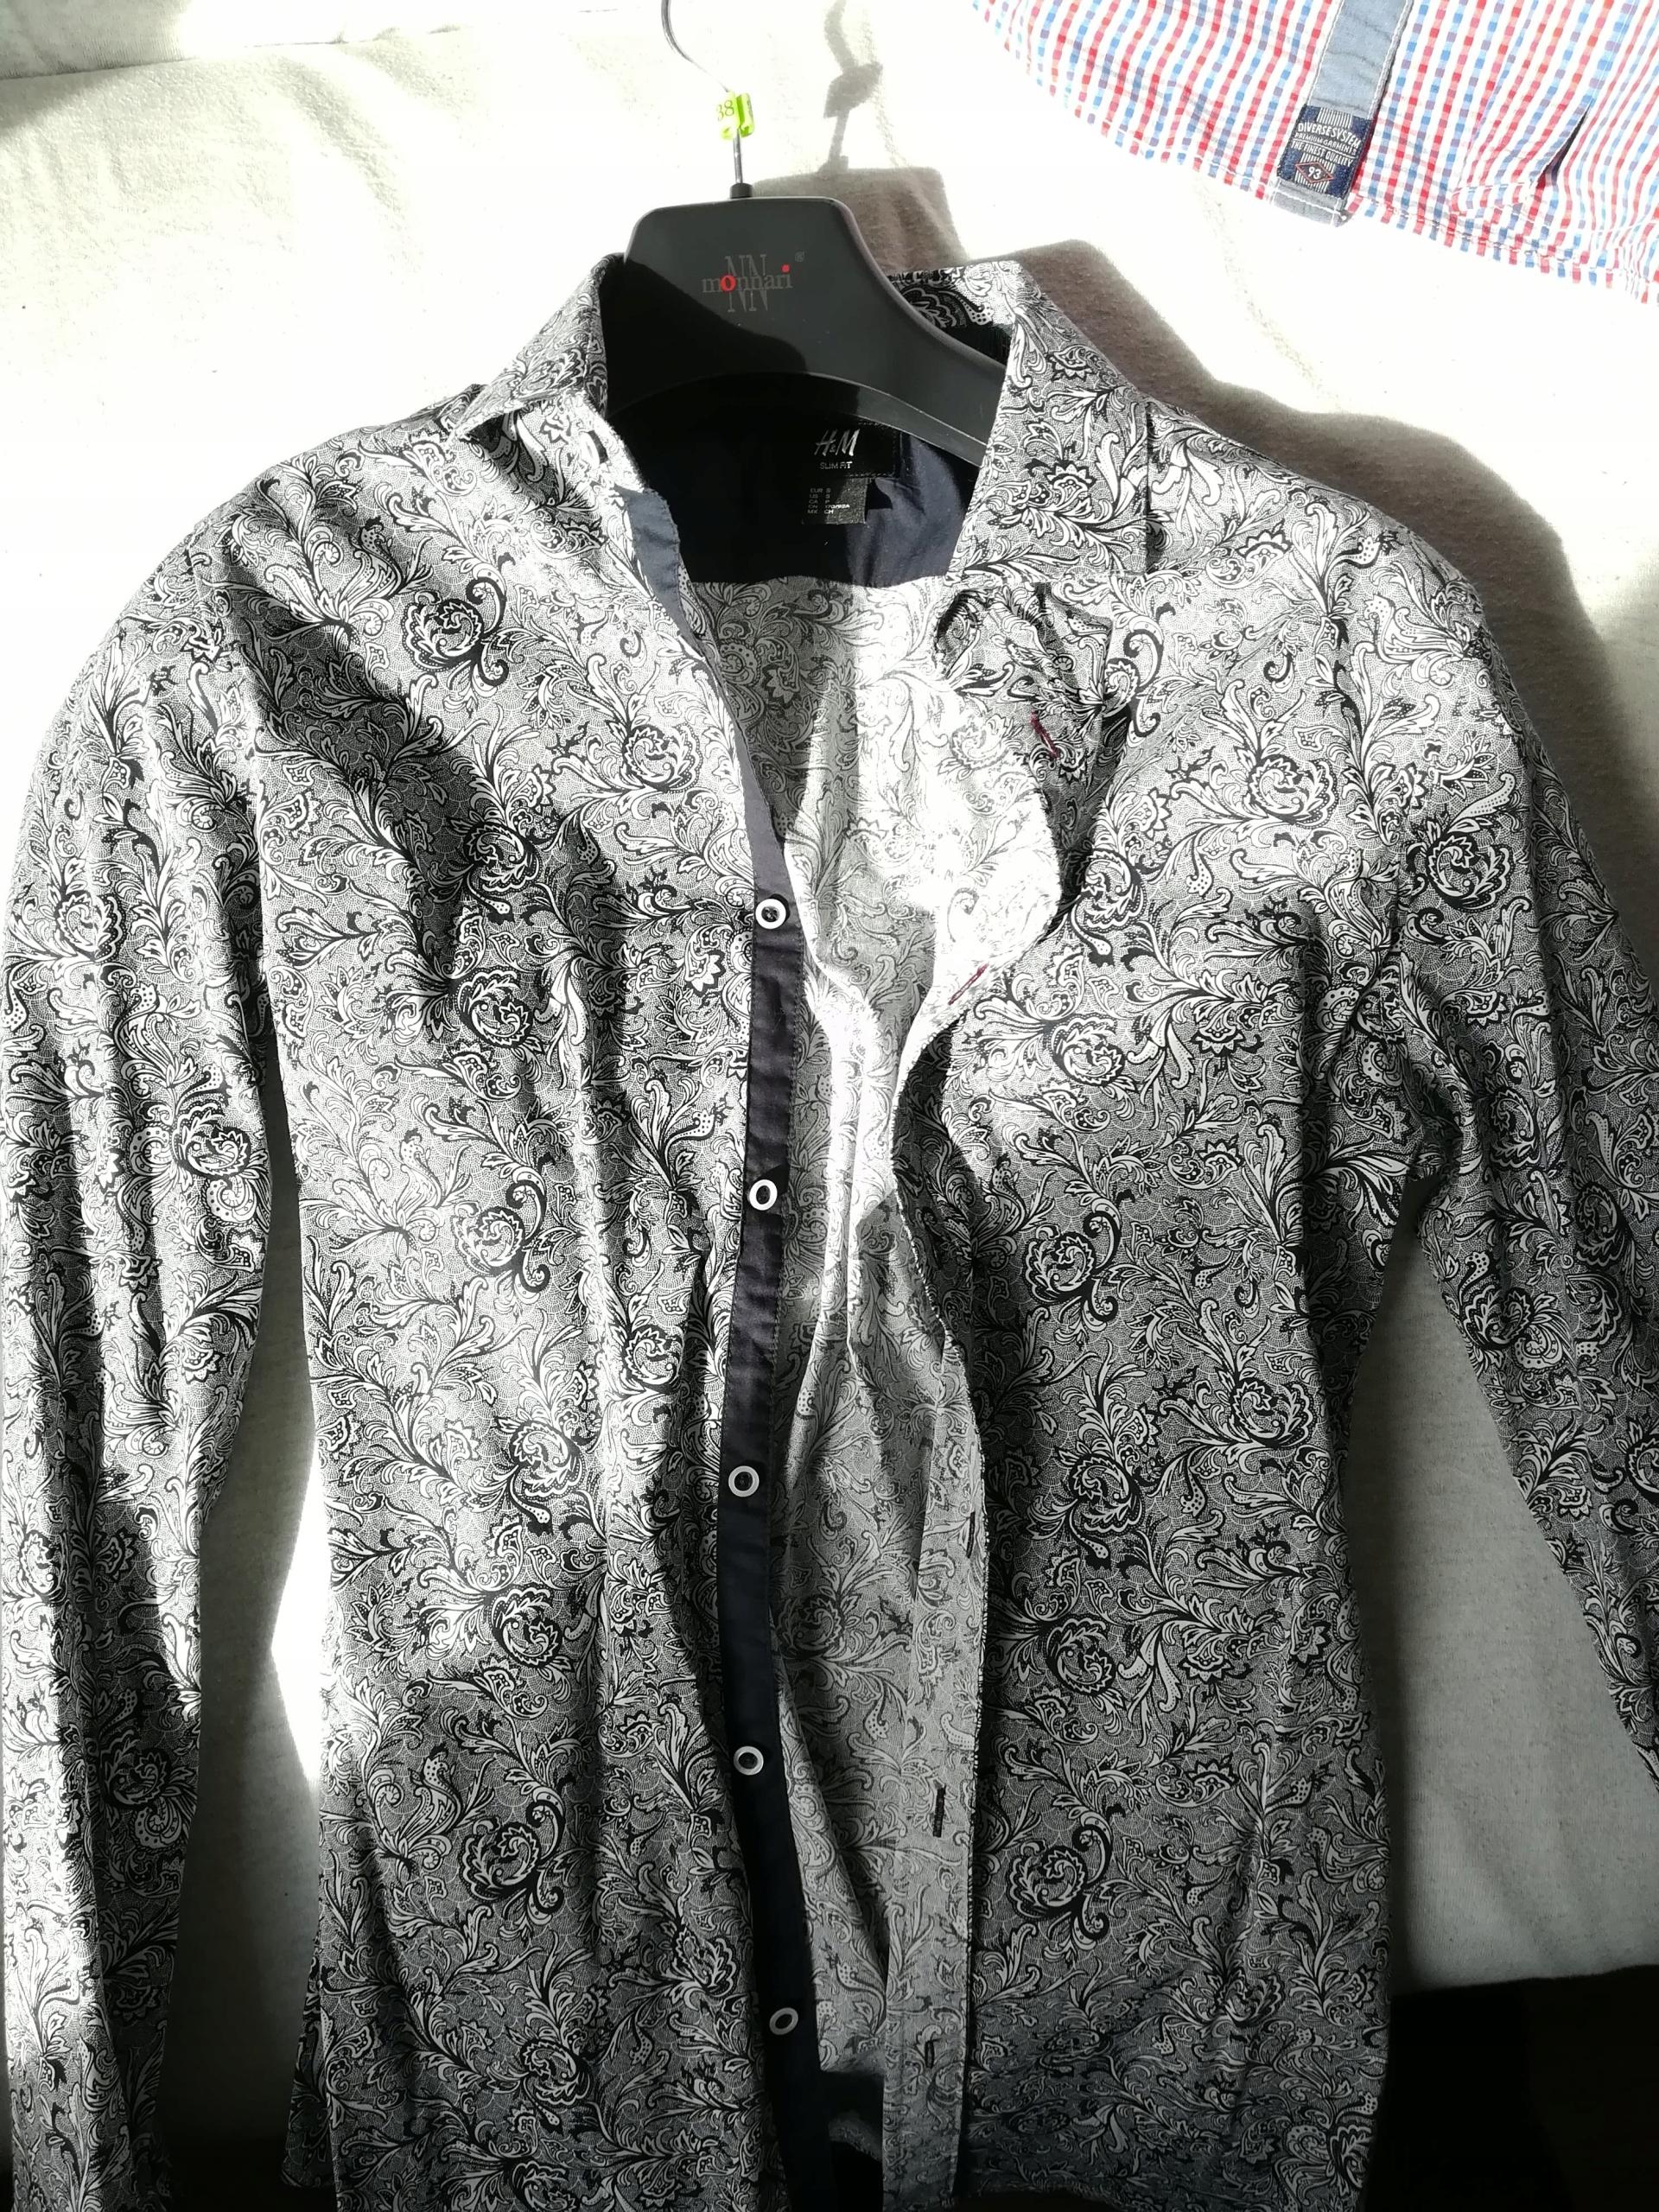 Koszula H&M stan 10/10 rozmiar S